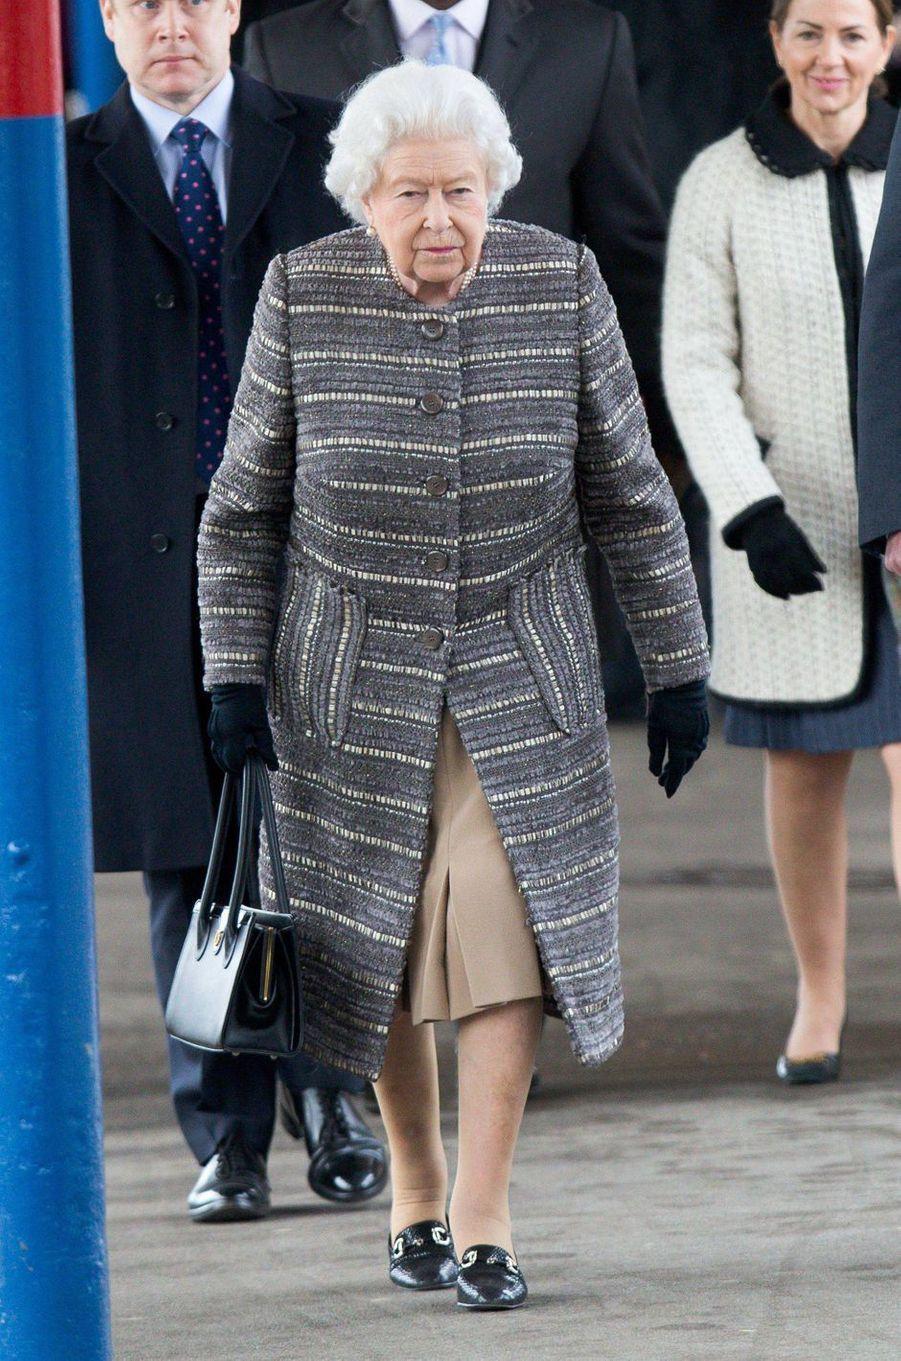 La reine Elizabeth II dans un manteau gris et crème à la gare de King's Lynn, le 11 février 2019